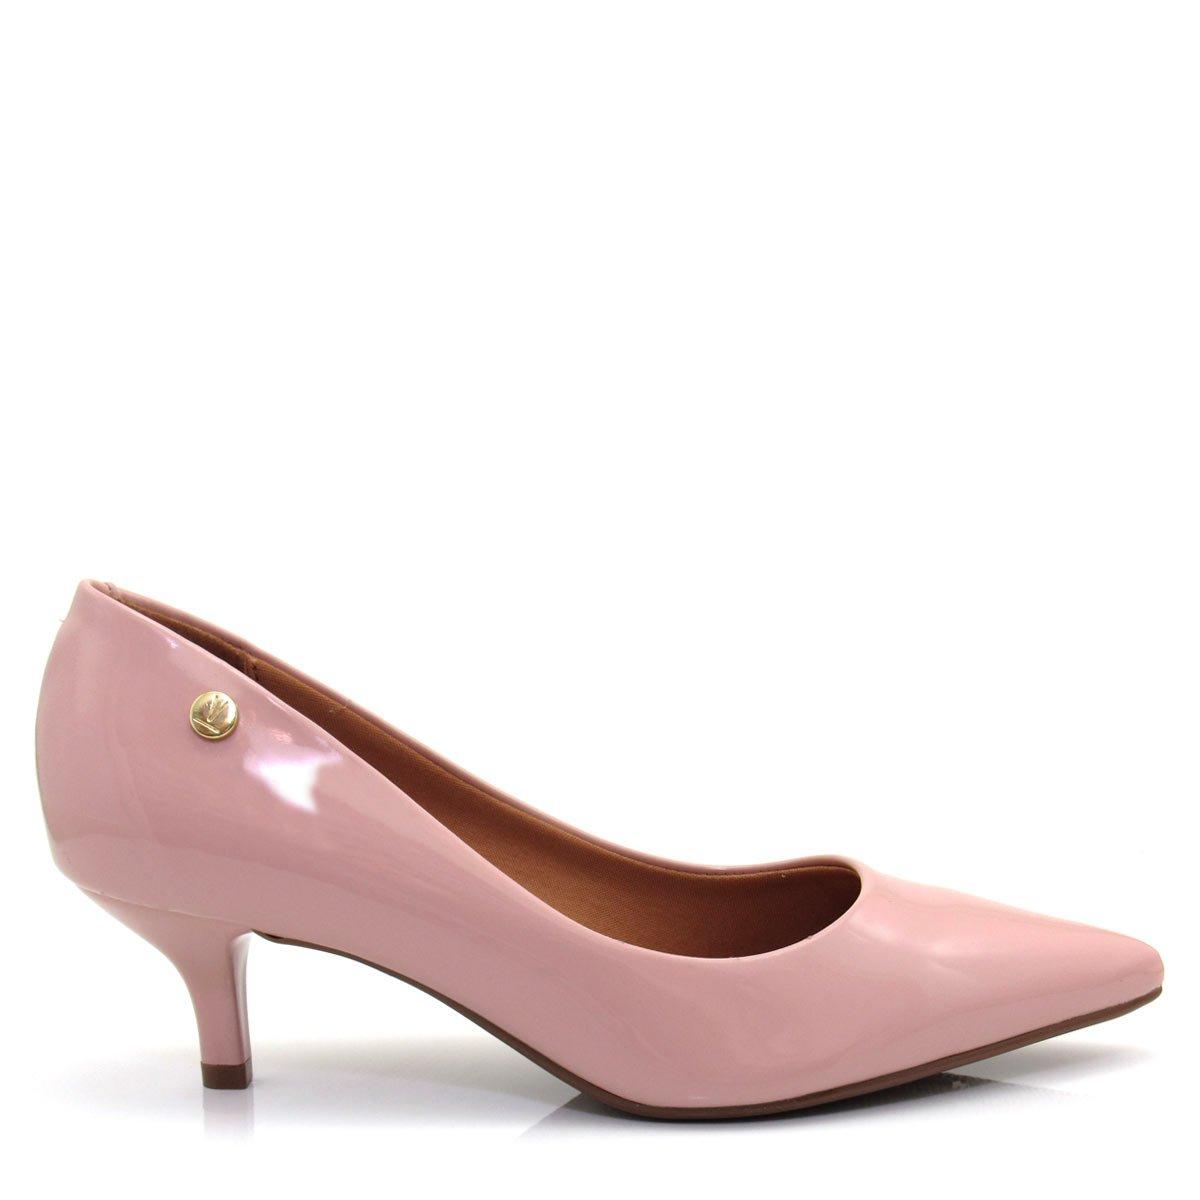 035ddd28d Sapato Scarpin Feminino Vizzano Bico fino 1122628 Salto Baixo Coleção 2018